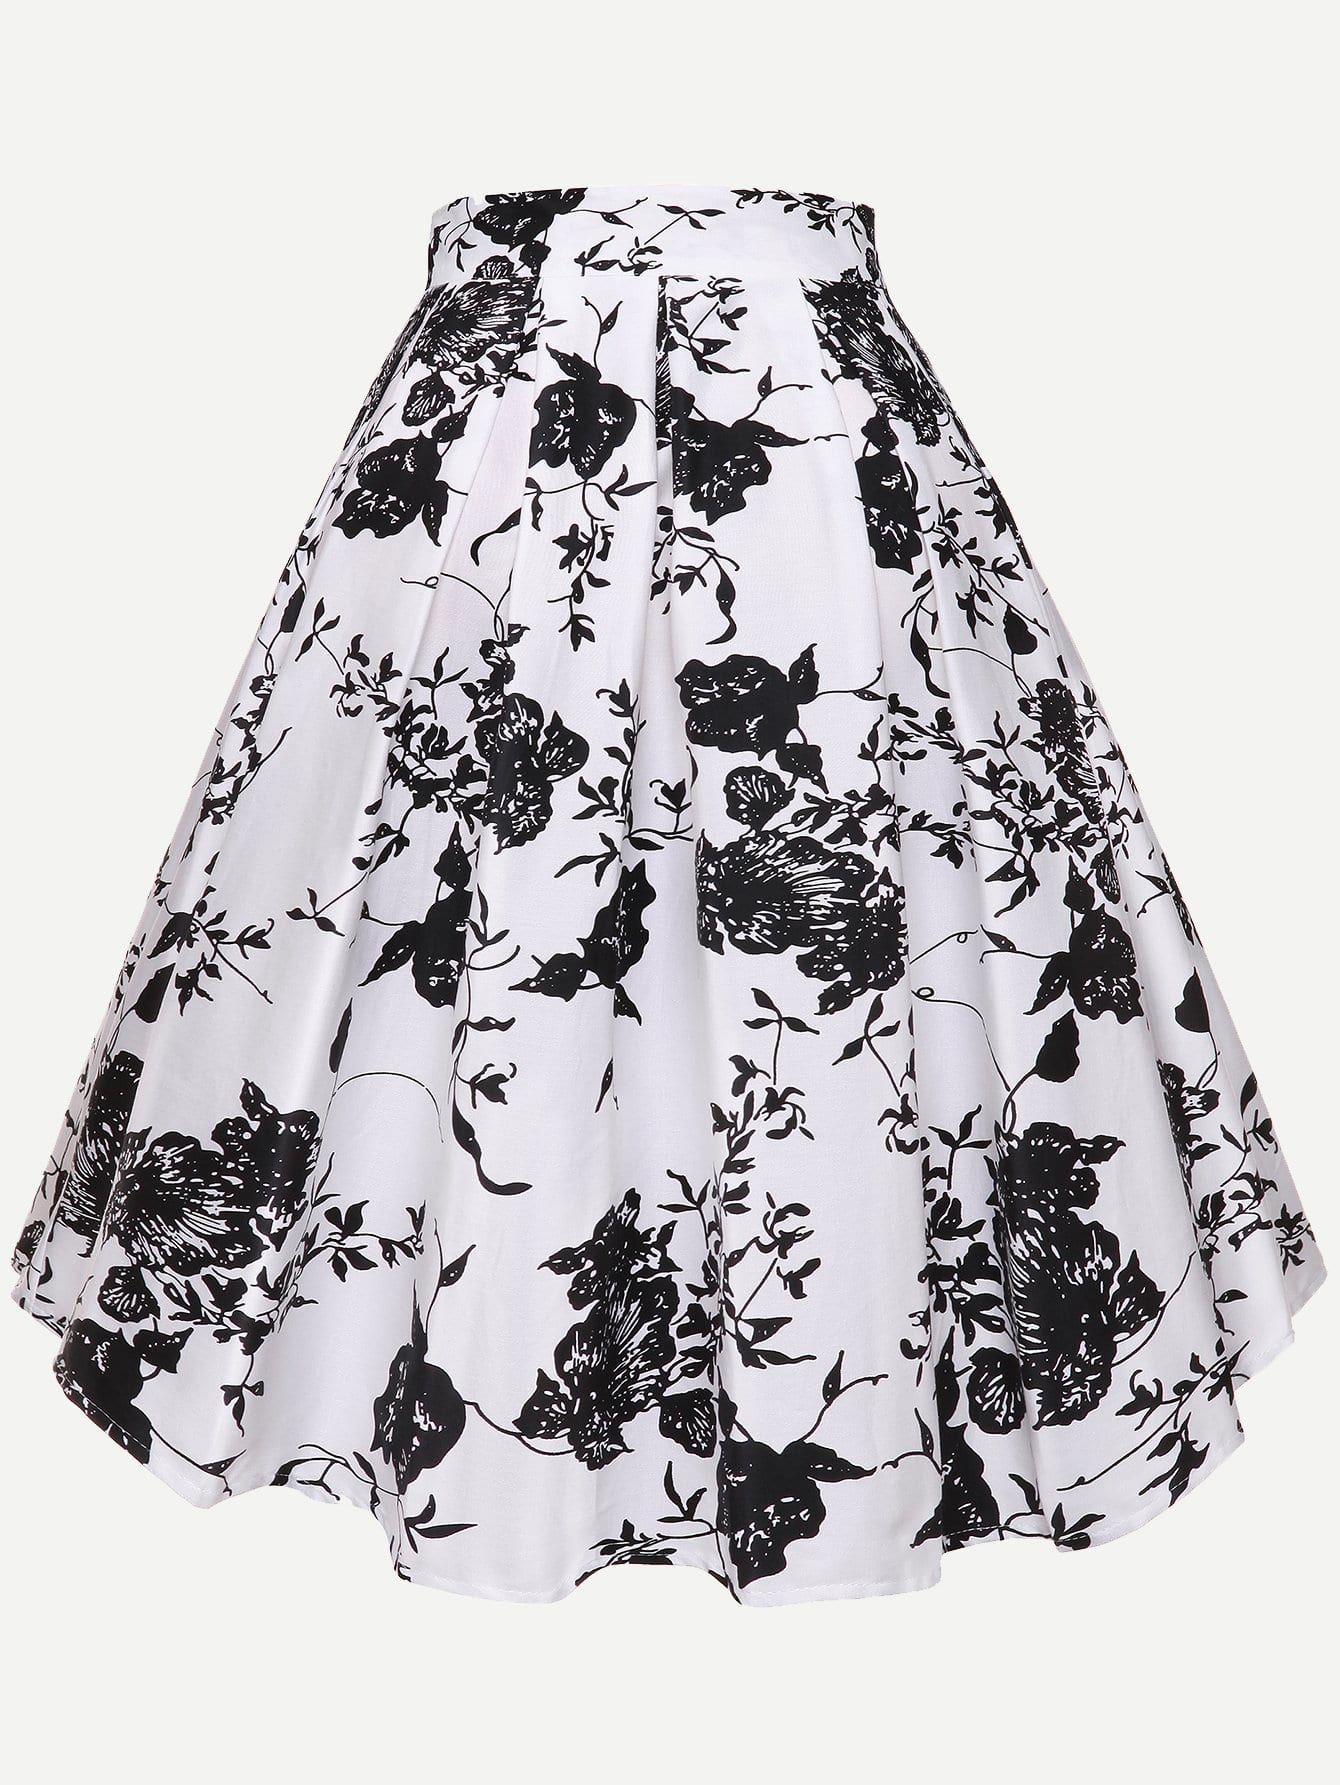 Общая ситцевая плиссированная юбка